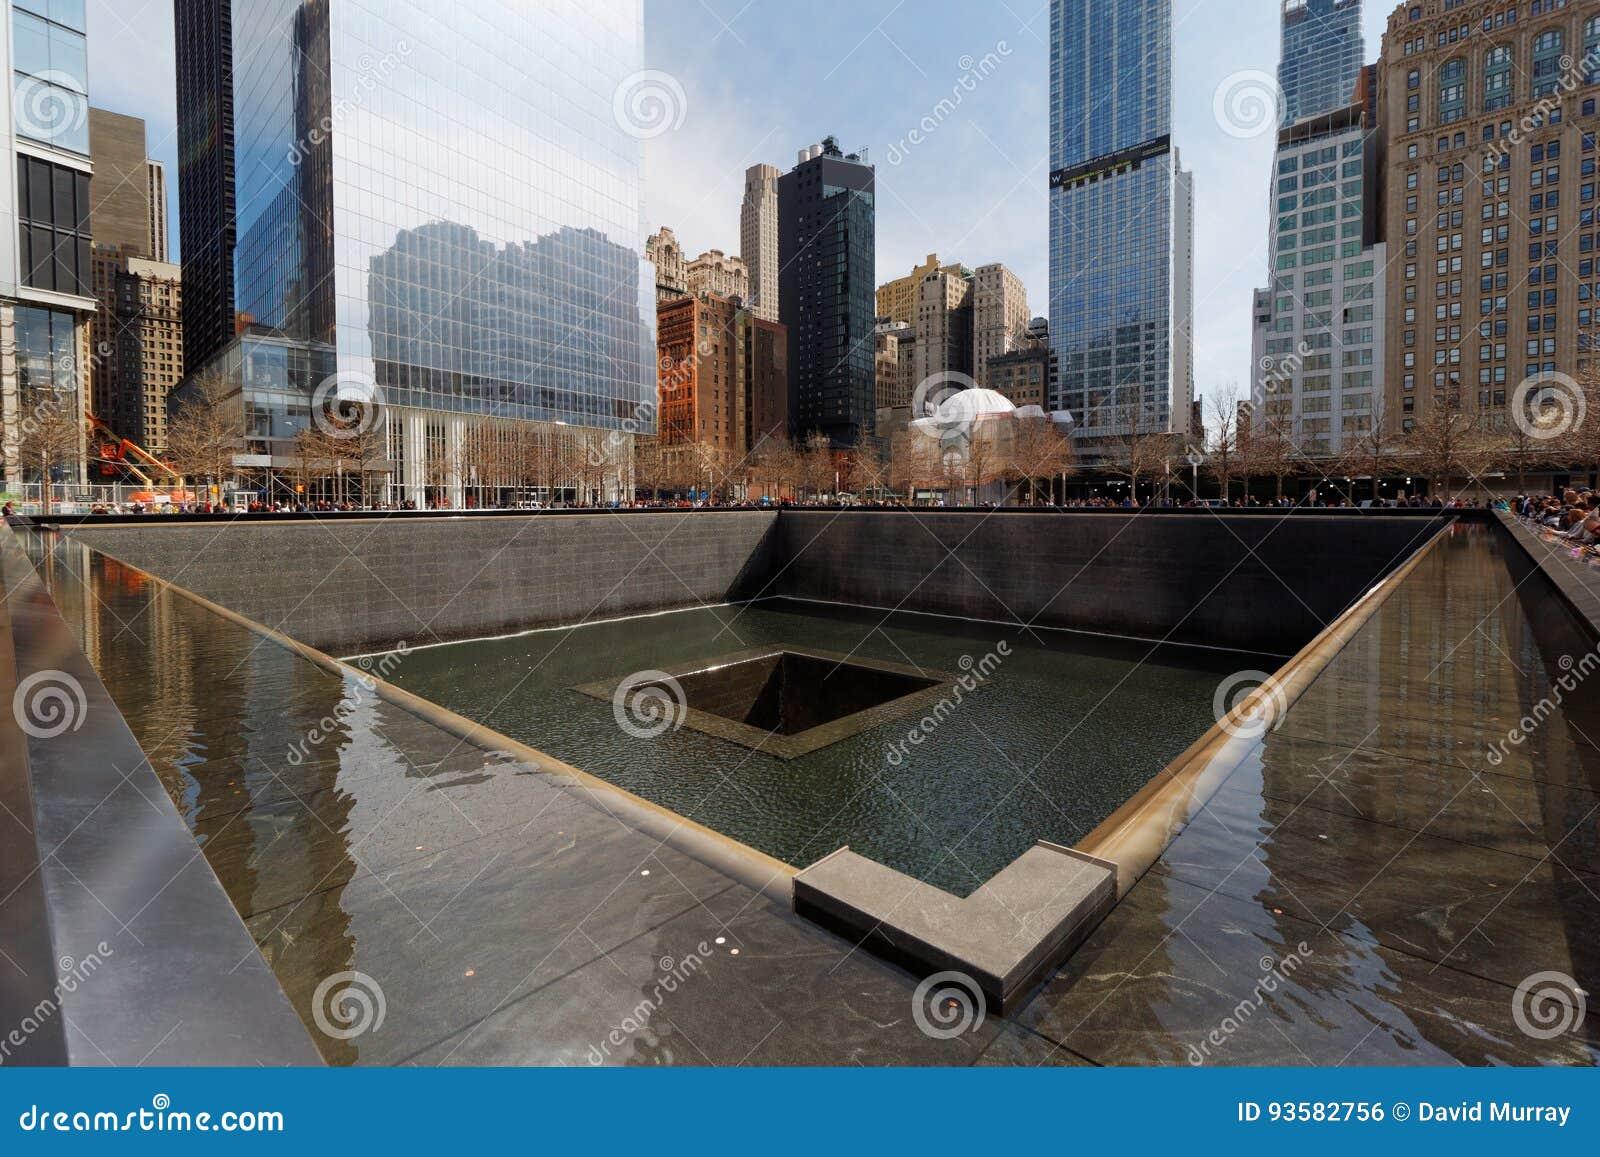 Memorial nacional do 11 de setembro/memorial centro do comércio mundial em Manhattan, New York City, EUA